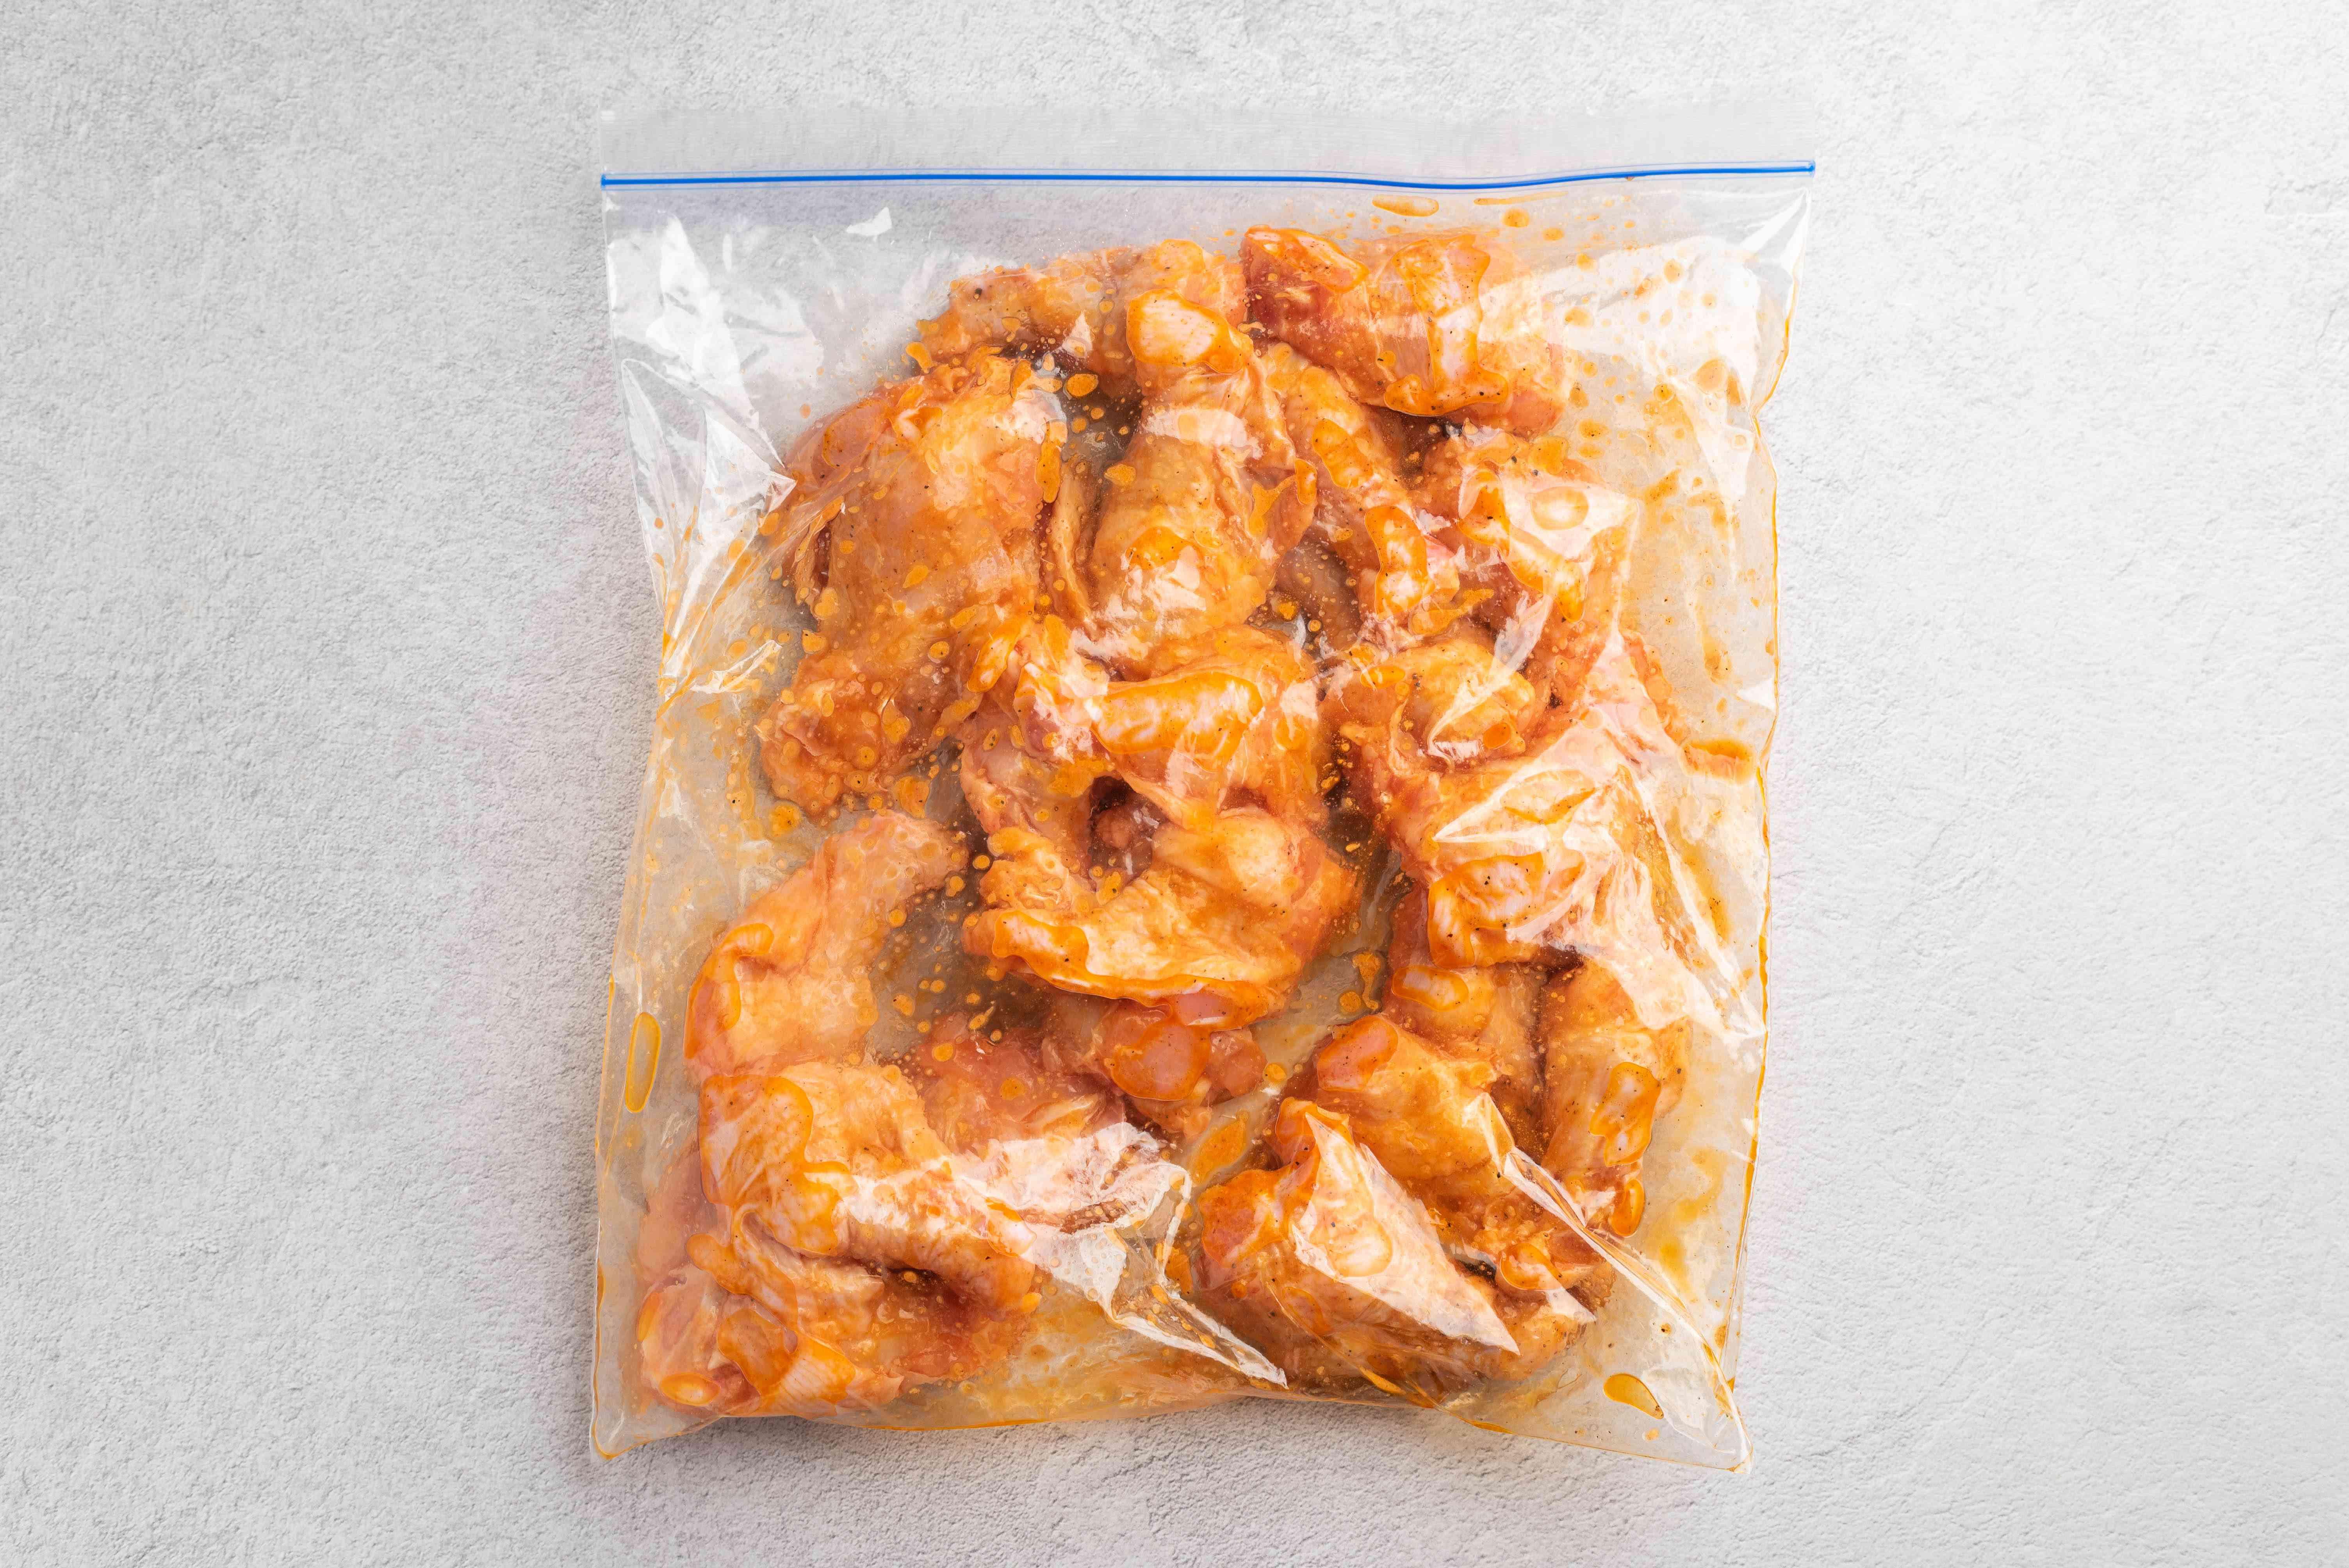 Chicken drumettes with marinade in zip-top bag